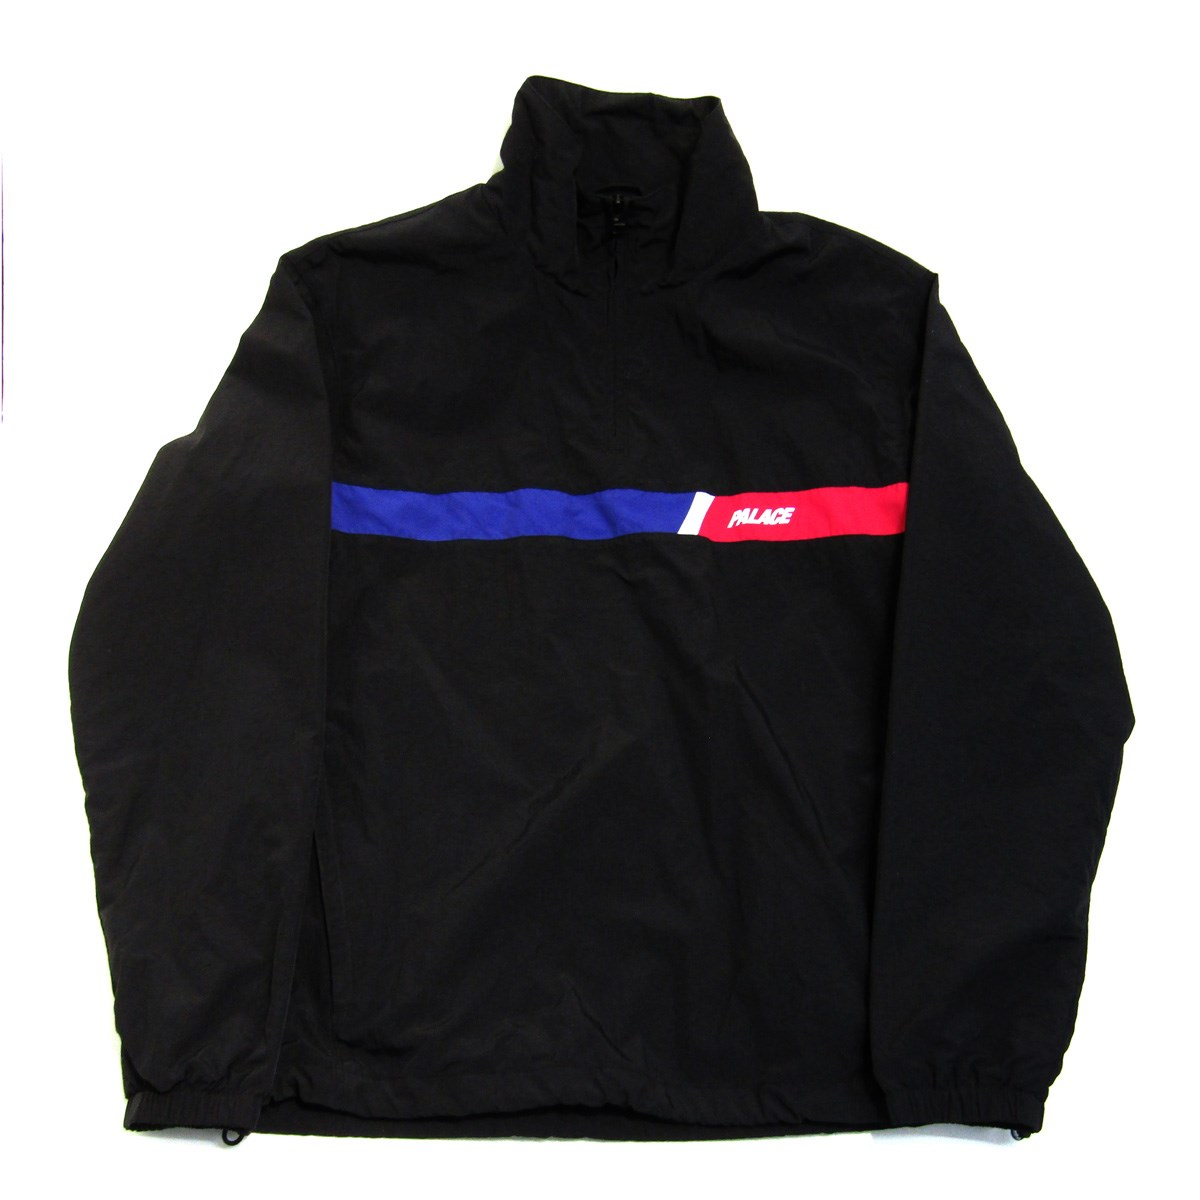 【中古】PALACE SLANT SHELL TOP ハーフジップナイロンジャケット ブラック サイズ:M 【241219】(パレス)